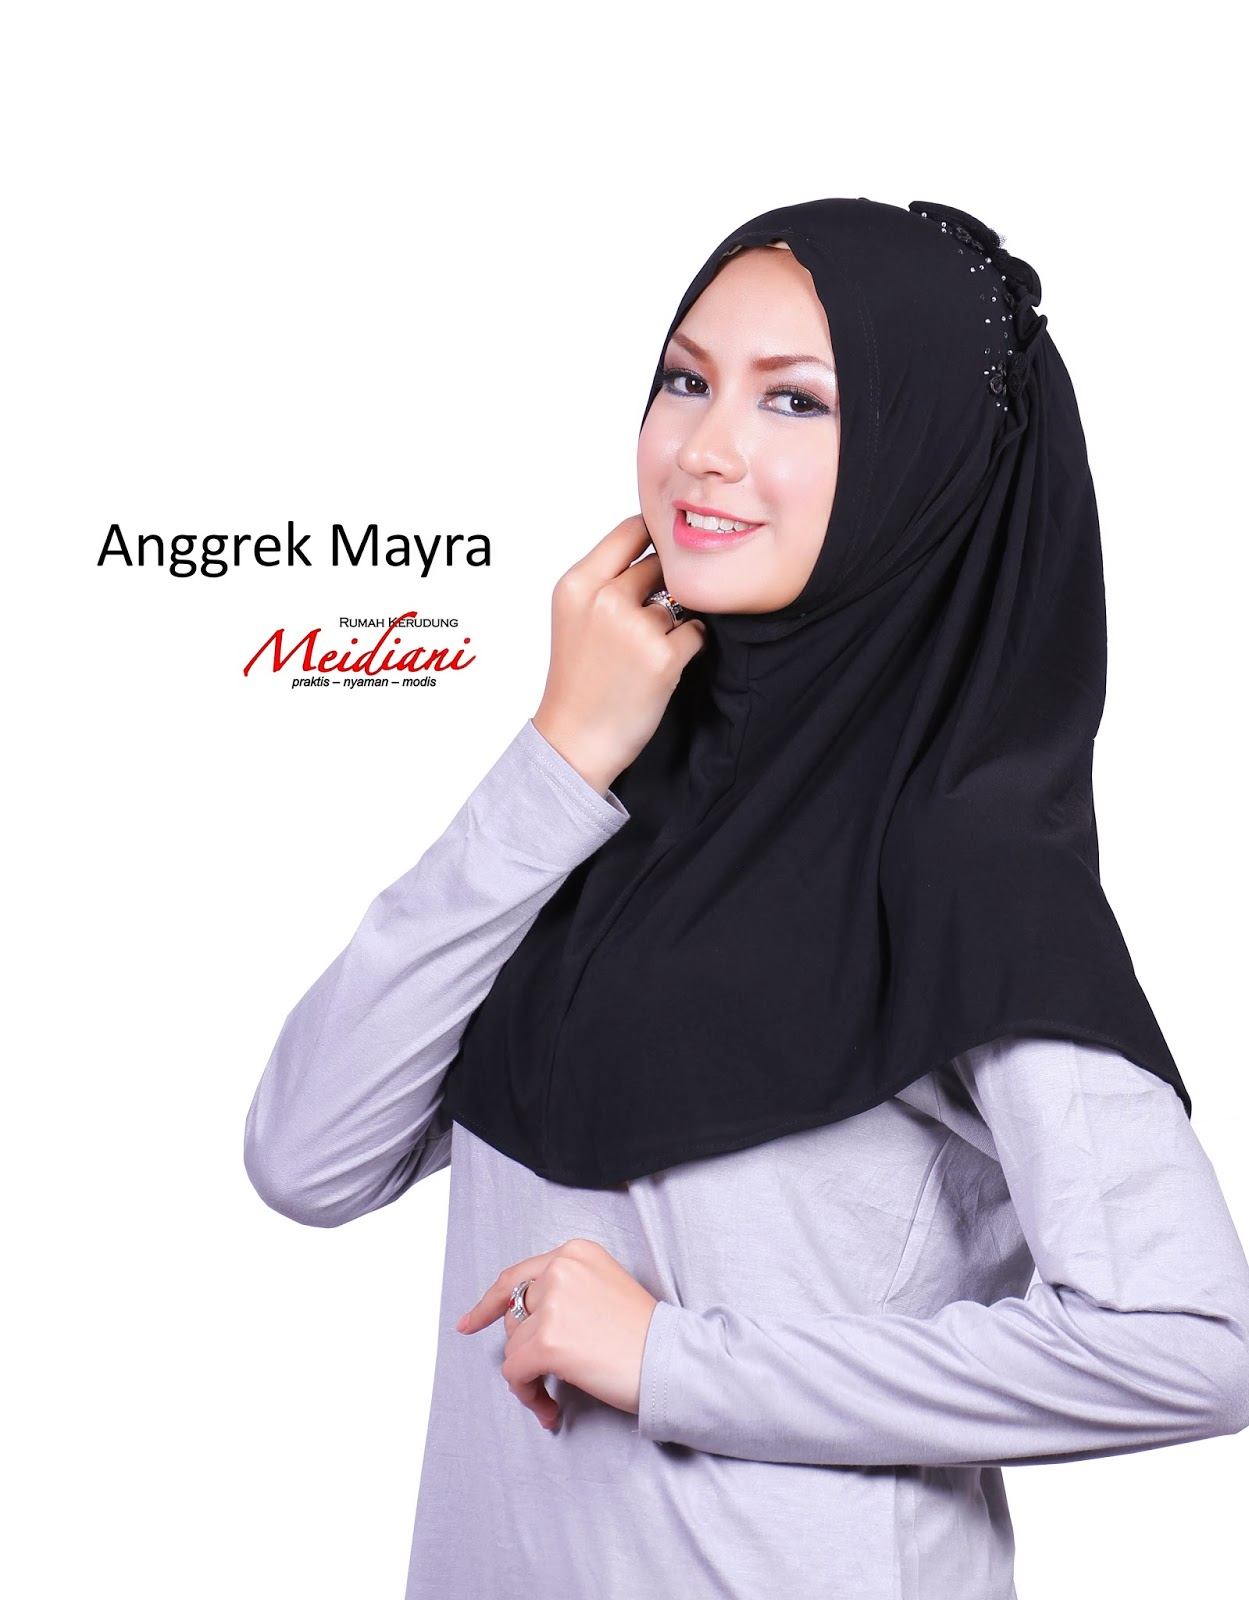 Anggrek Mayra